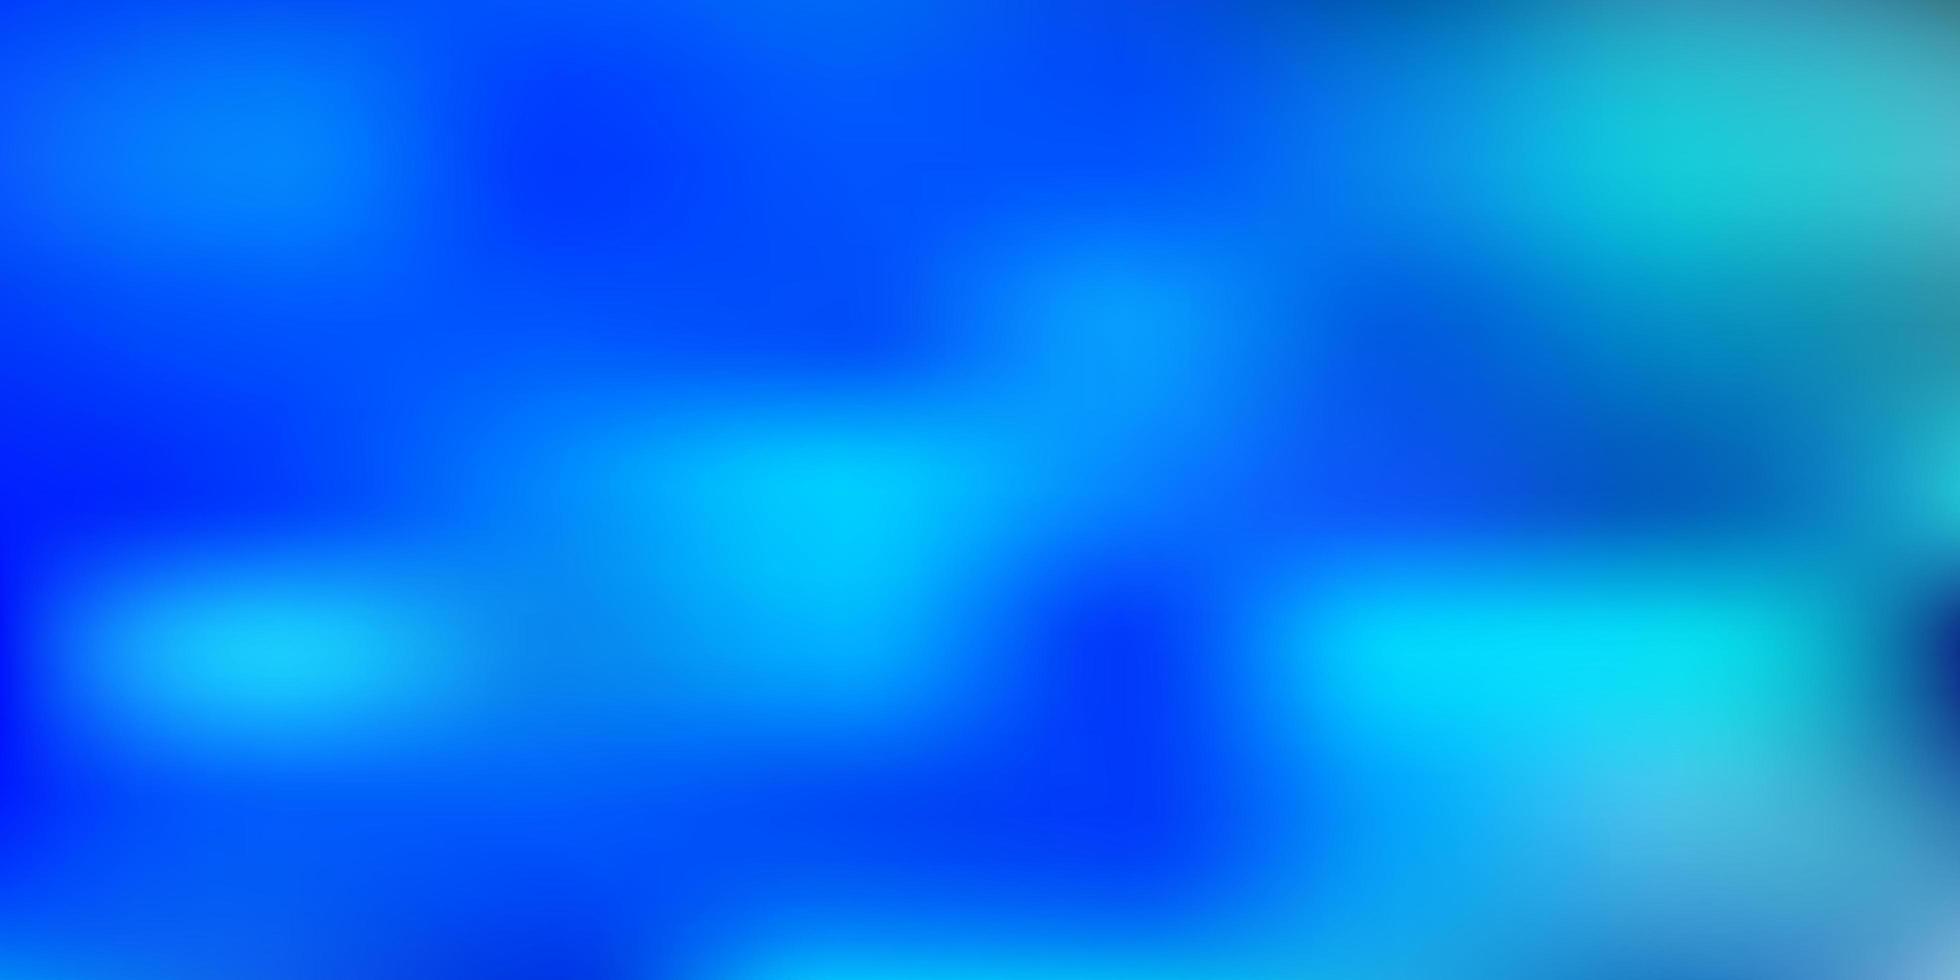 fond flou abstrait bleu clair vecteur